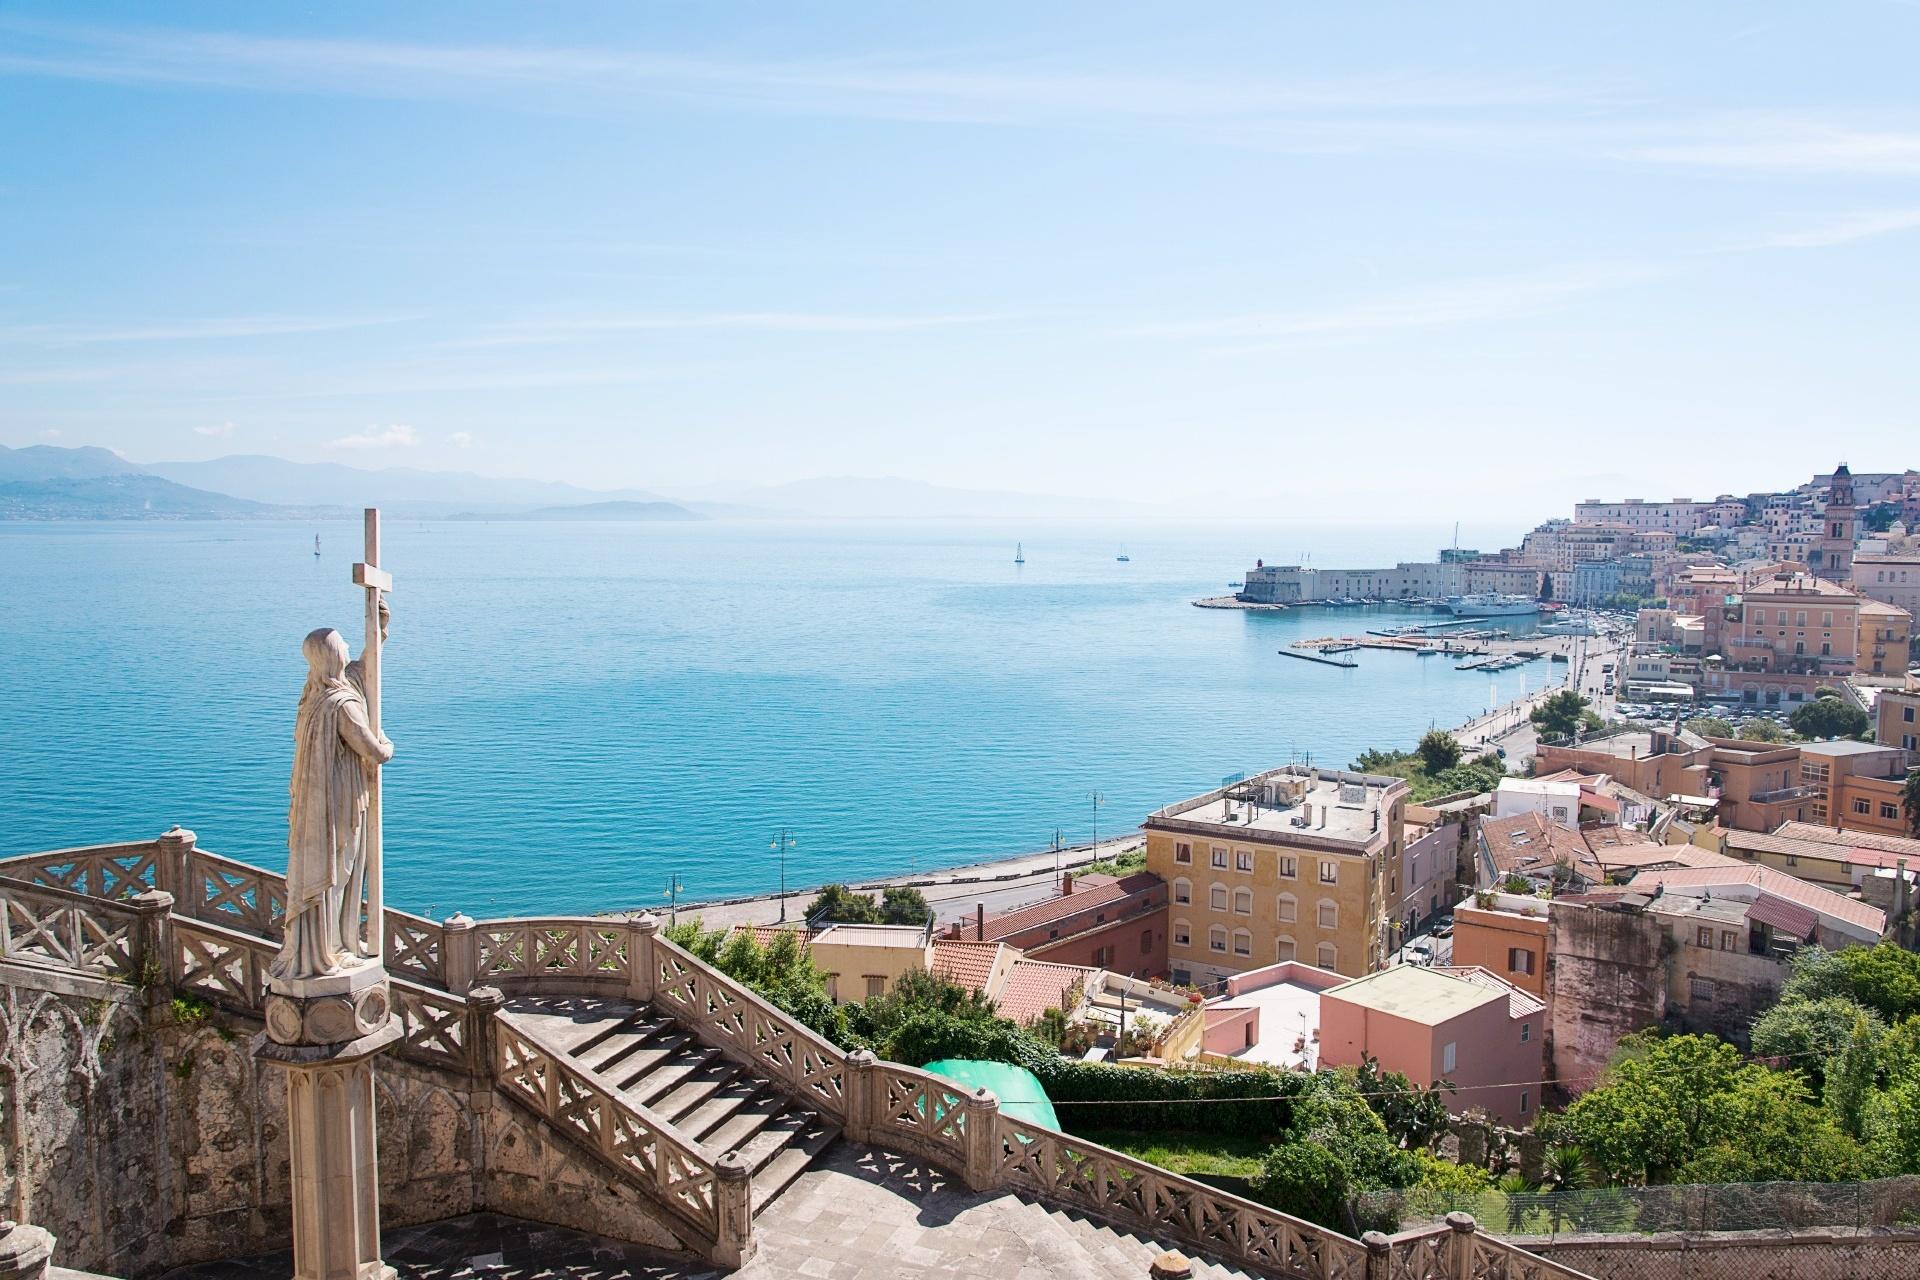 ガエタの風景 イタリアの風景